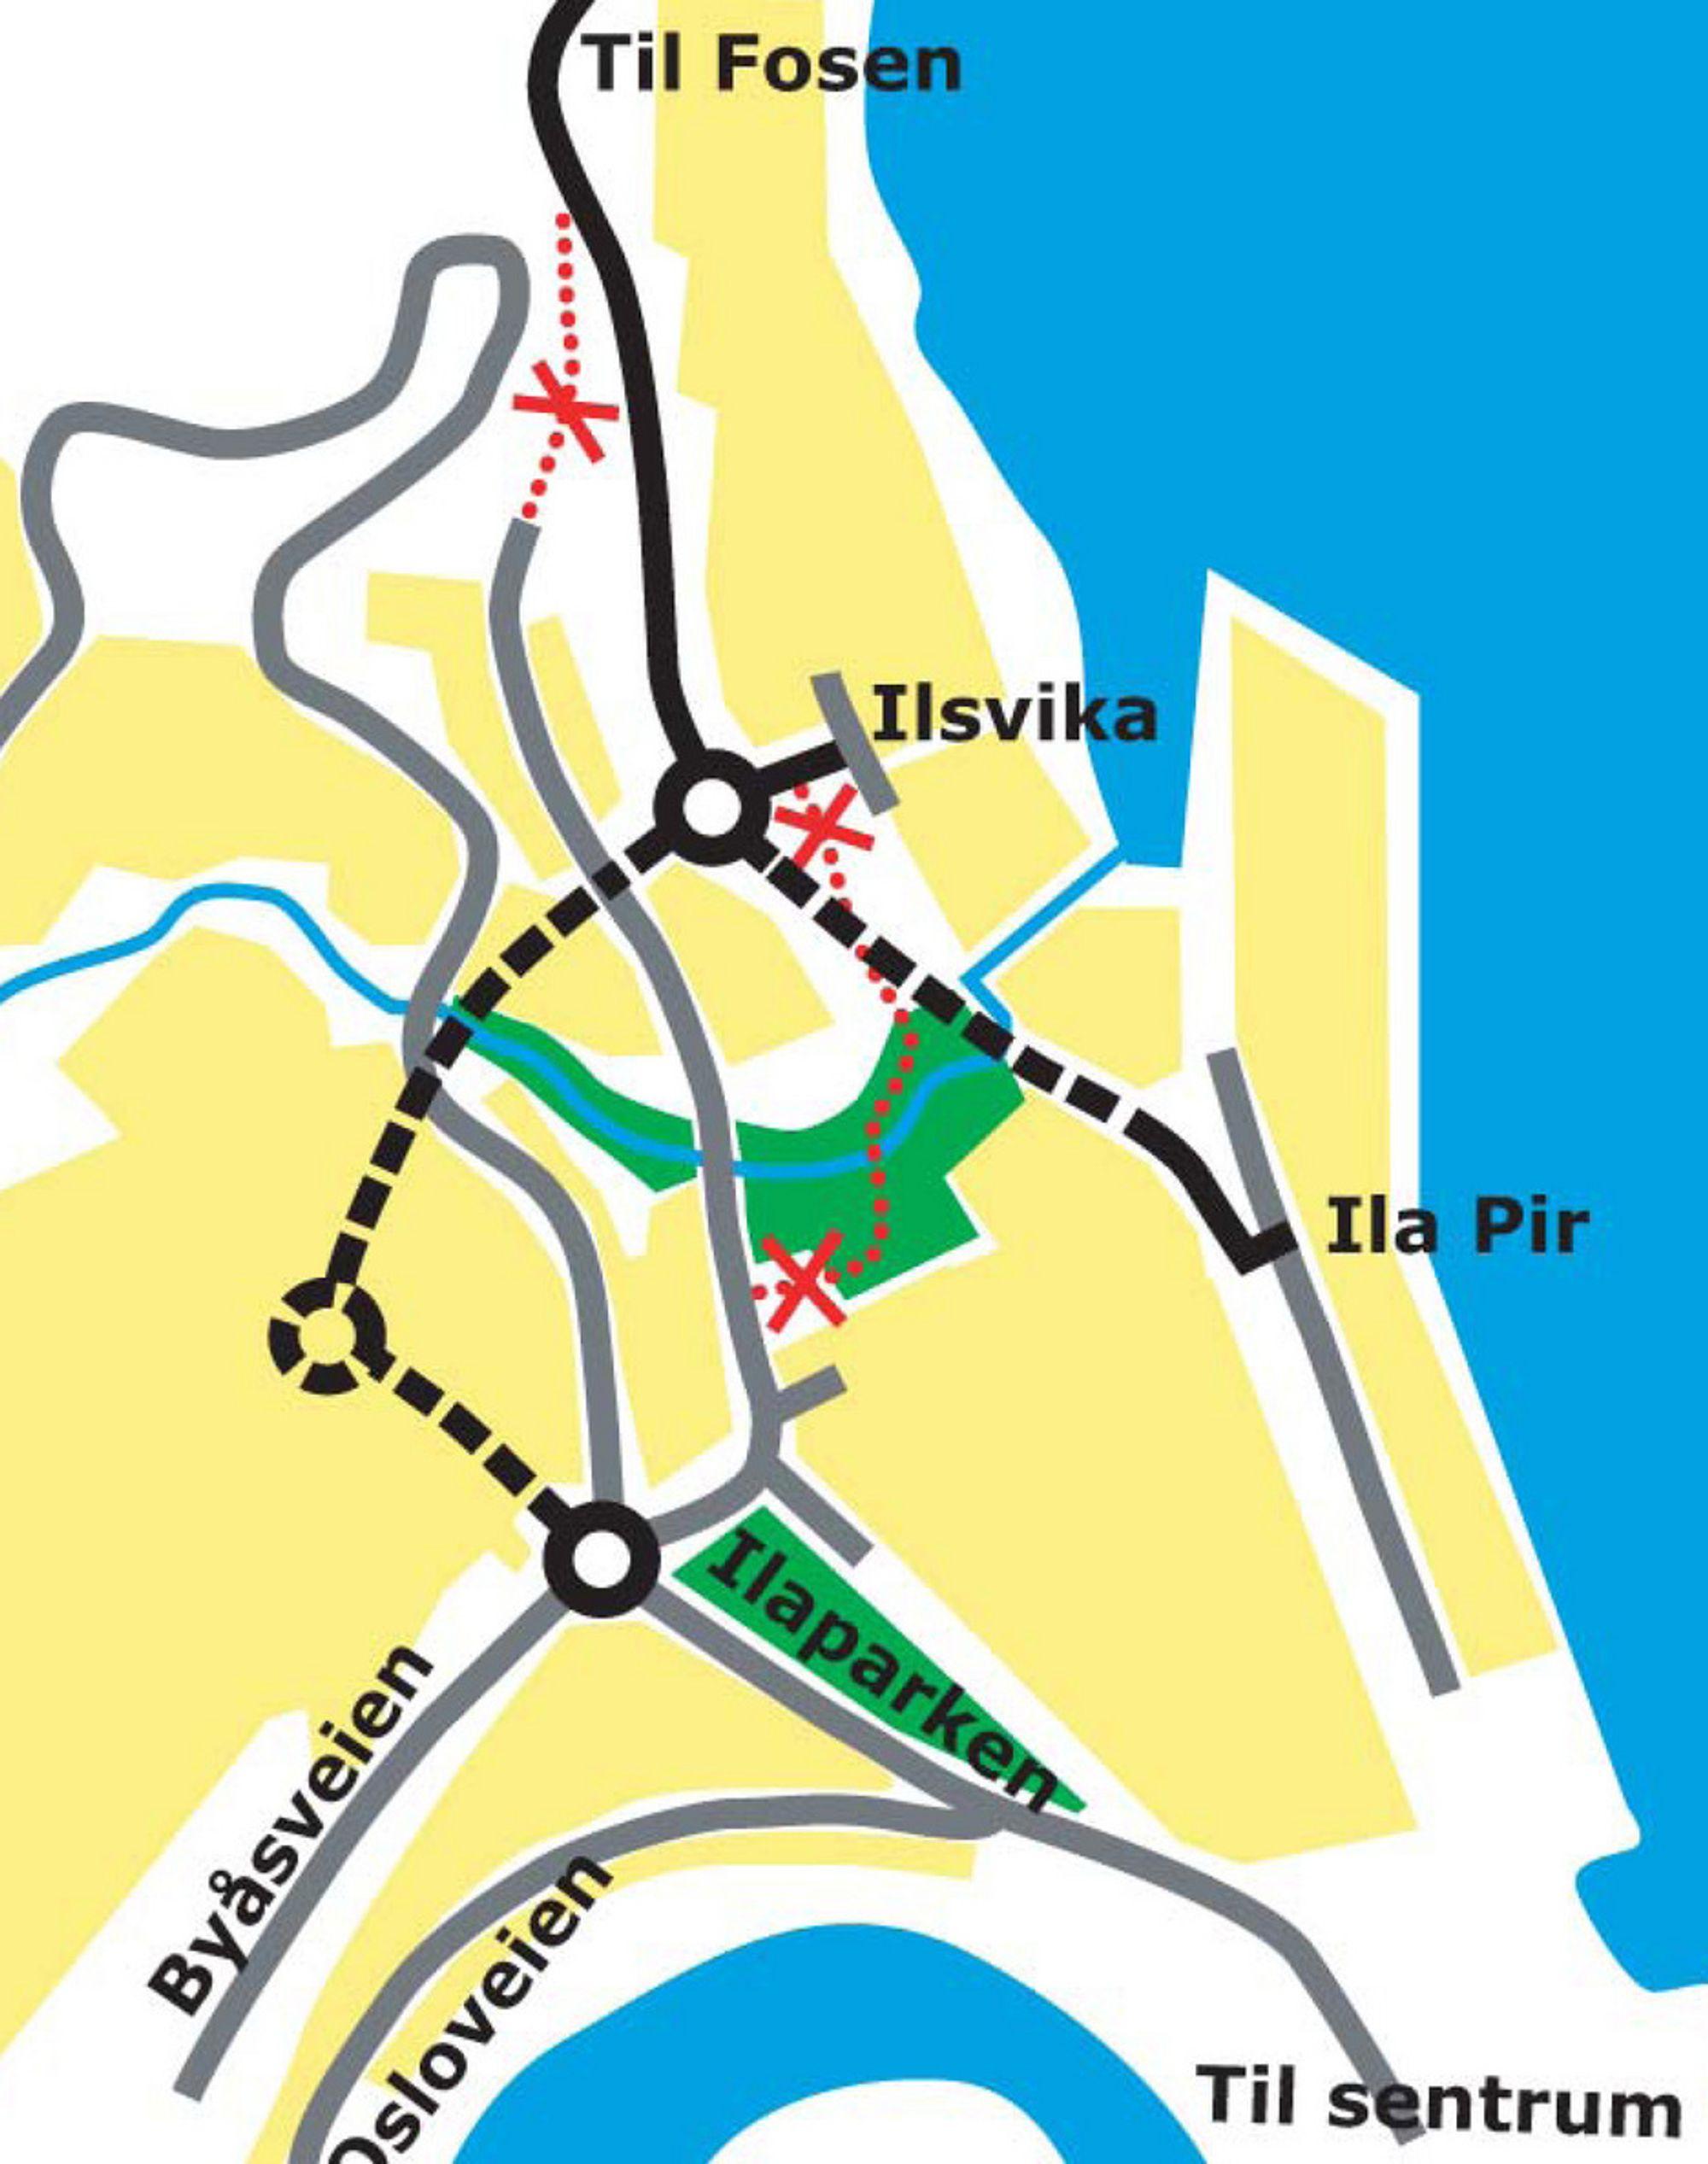 De stiplete linjene viser tunneler som er i bruk. Linjen mellom Ilsvika og Ila Pir er en betongkulvert som ble åpnet noen uker før Steinbergtunnelen. (Ill.: Statens vegvesen.)